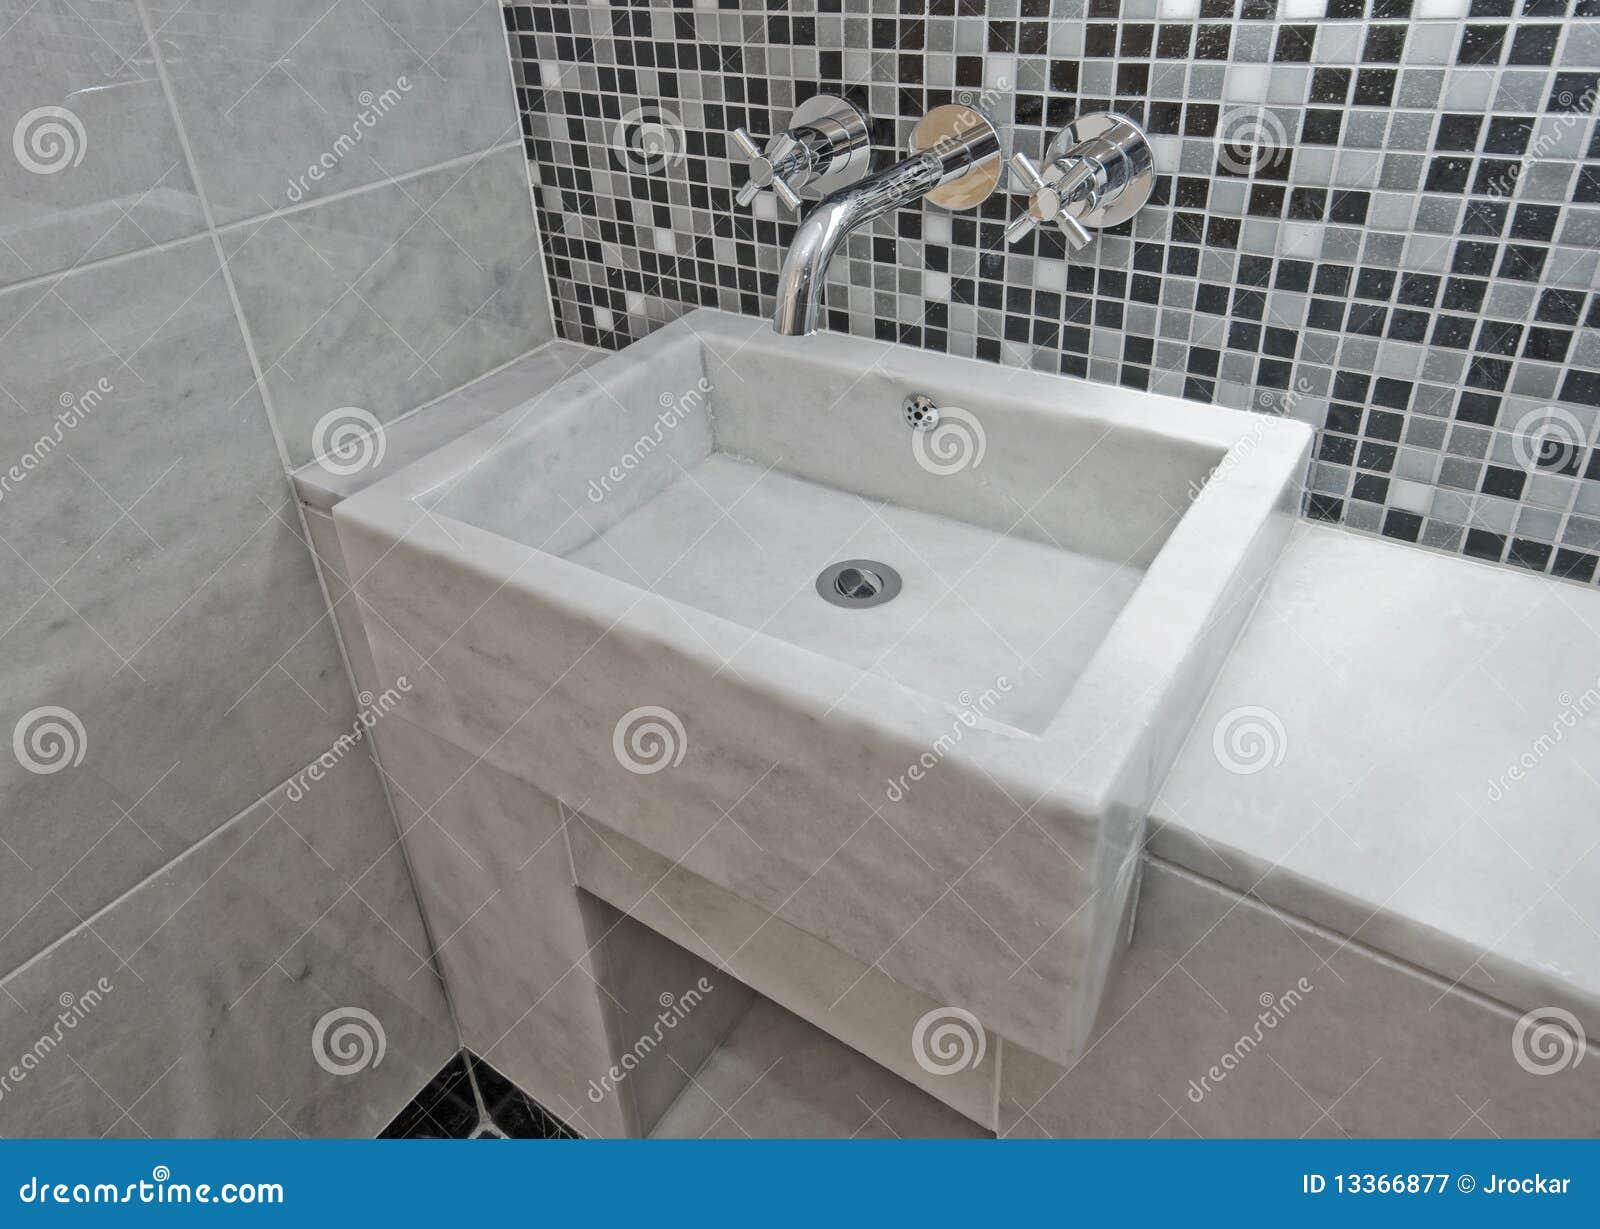 Marble Bathroom Sink Stock Image Image Of Luxury Gray 13366877